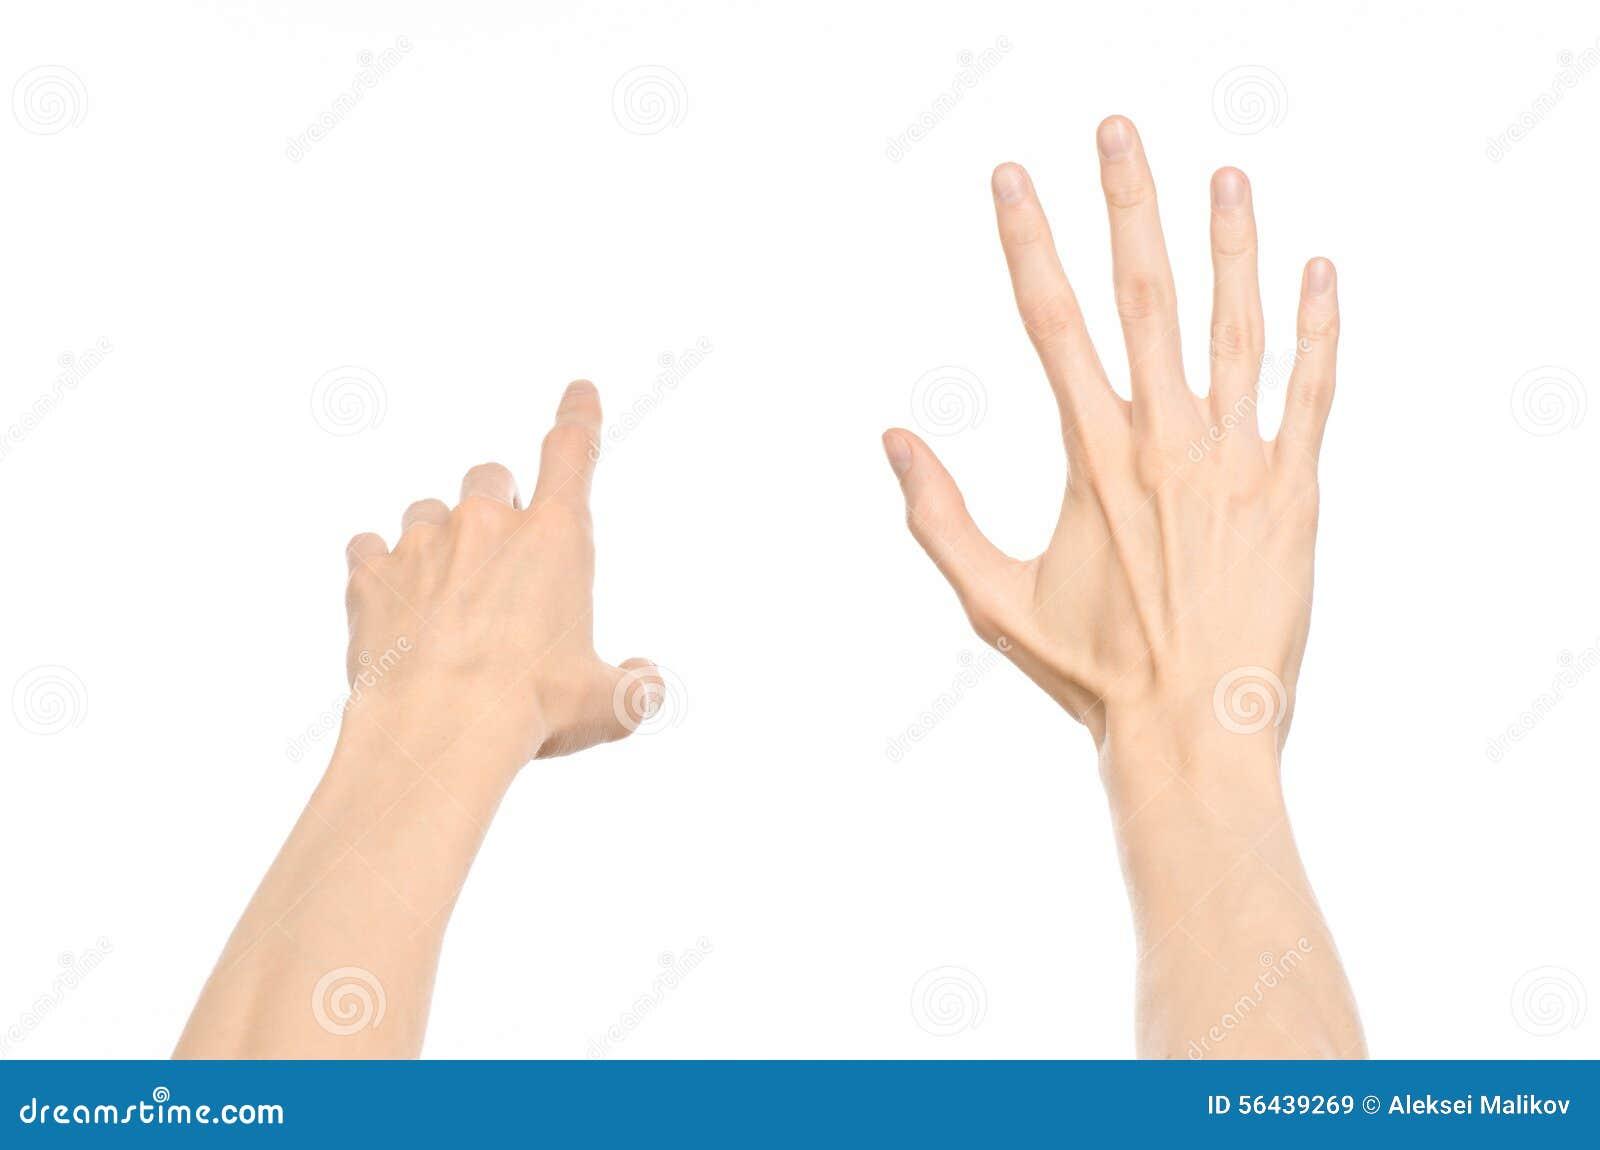 Gesticula tema: gestos de mano humanos que muestran la visión de primera persona aislada en el fondo blanco en estudio